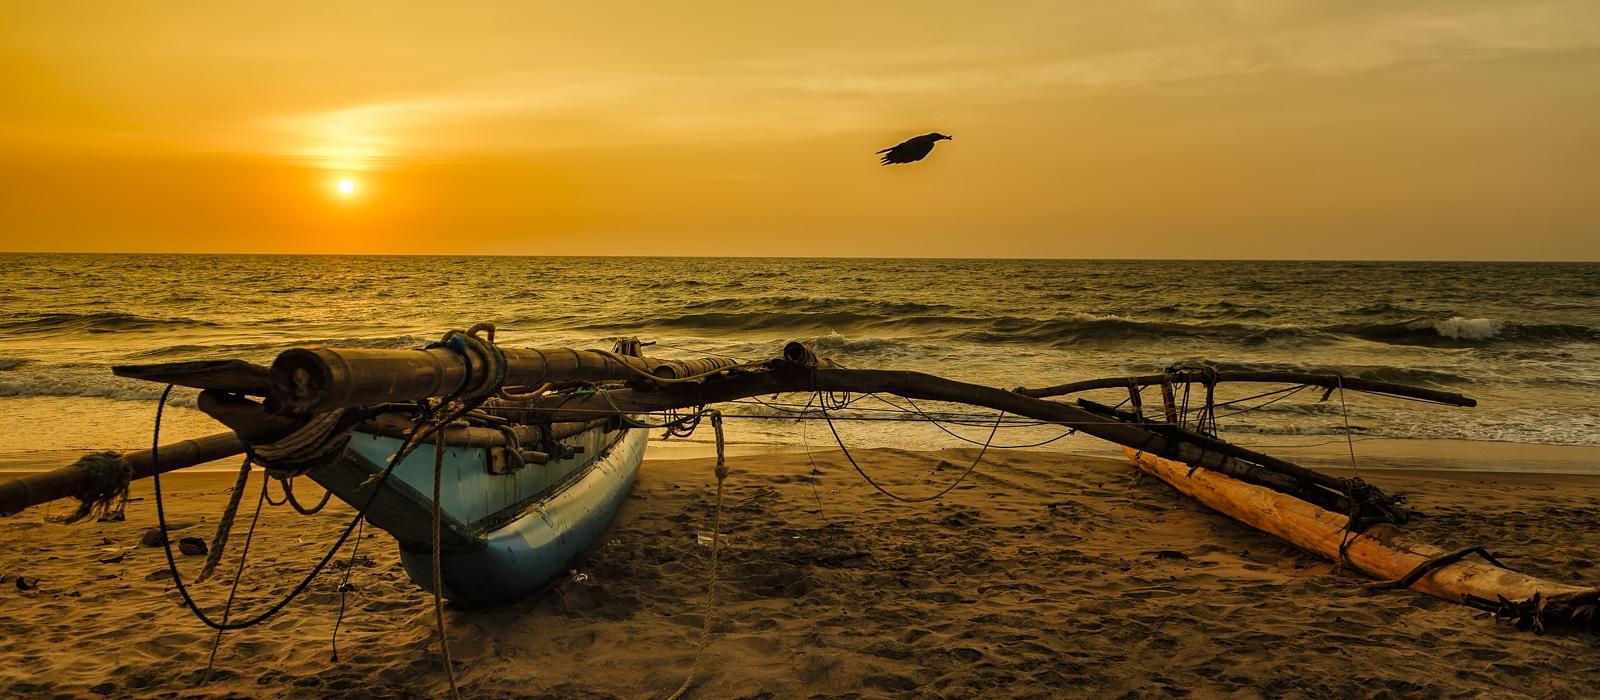 img-diapo-entete - Sri-Lanka-1600x700-12.jpg